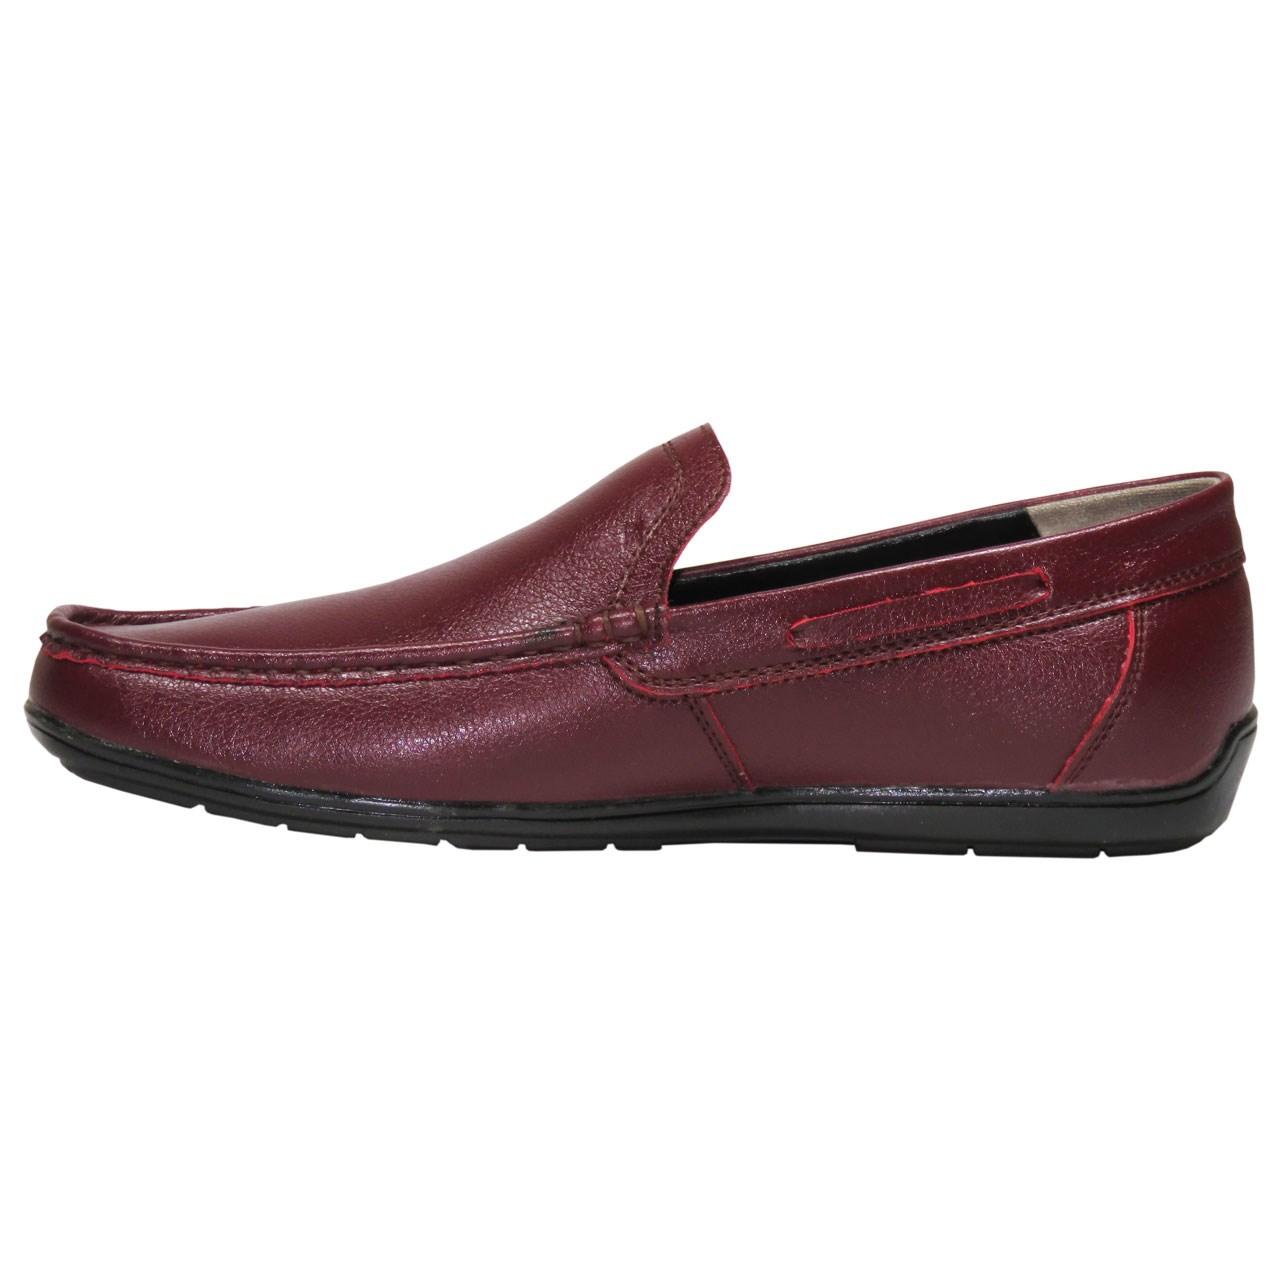 کفش مردانه پرین مدل کالج کد PR922